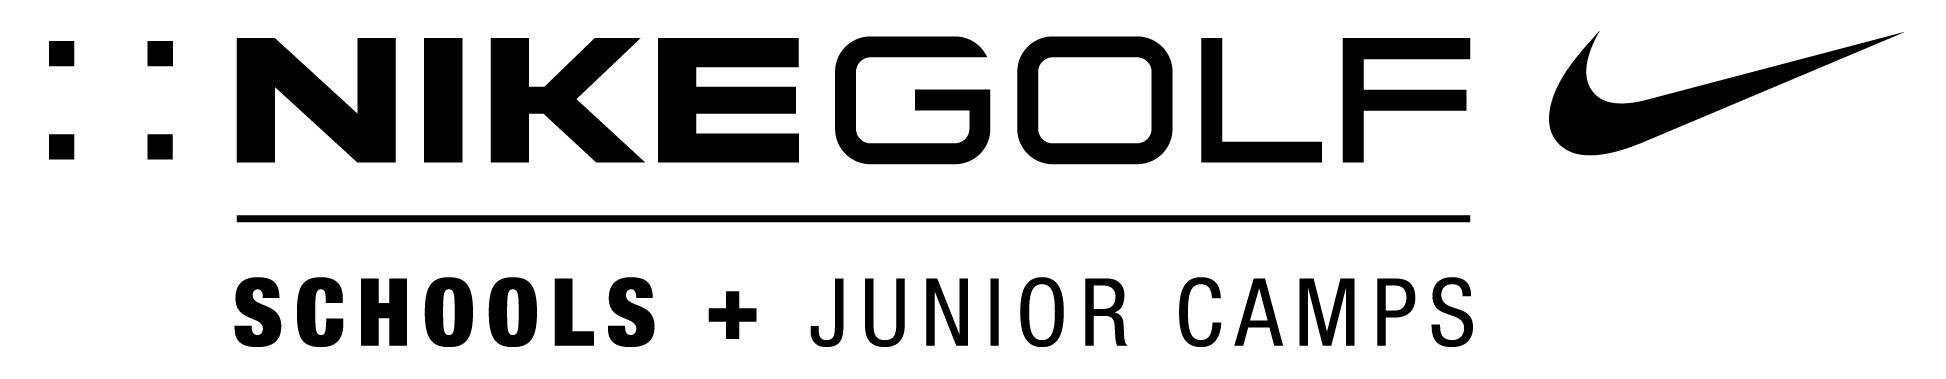 Nike Golf Camps, Falcon Crest Golf Club